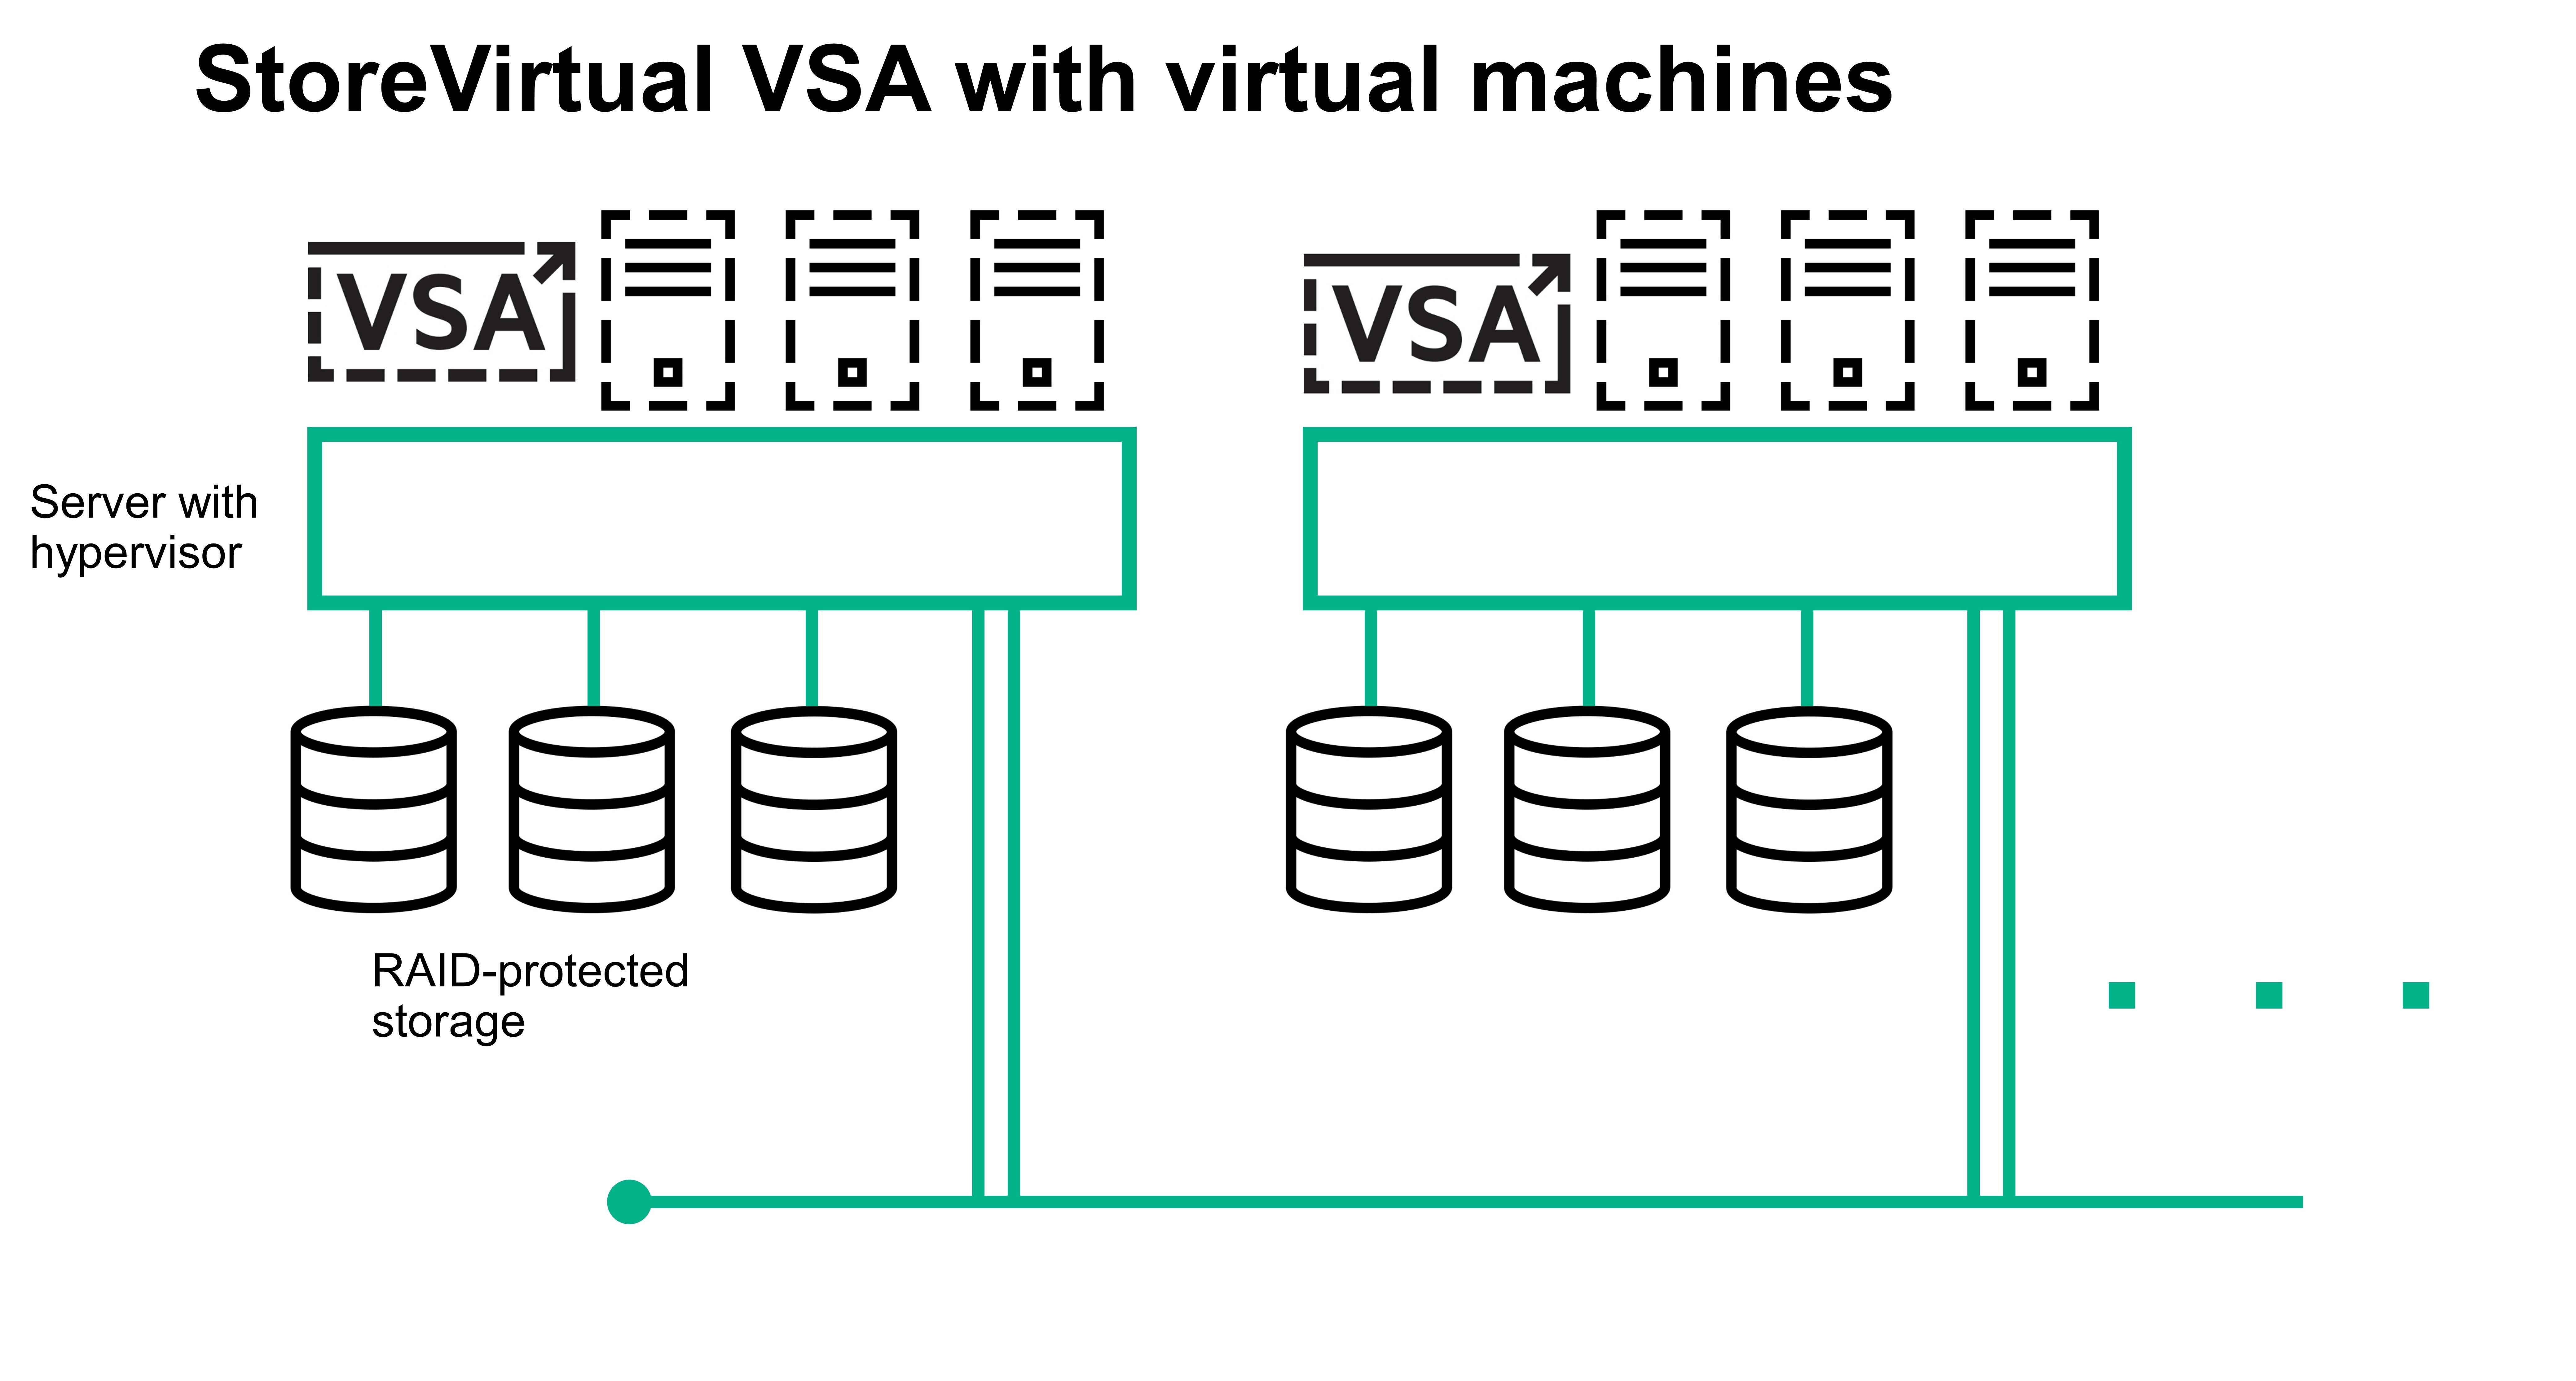 Design and Configure HPE StoreVirtual VSA - hpeb